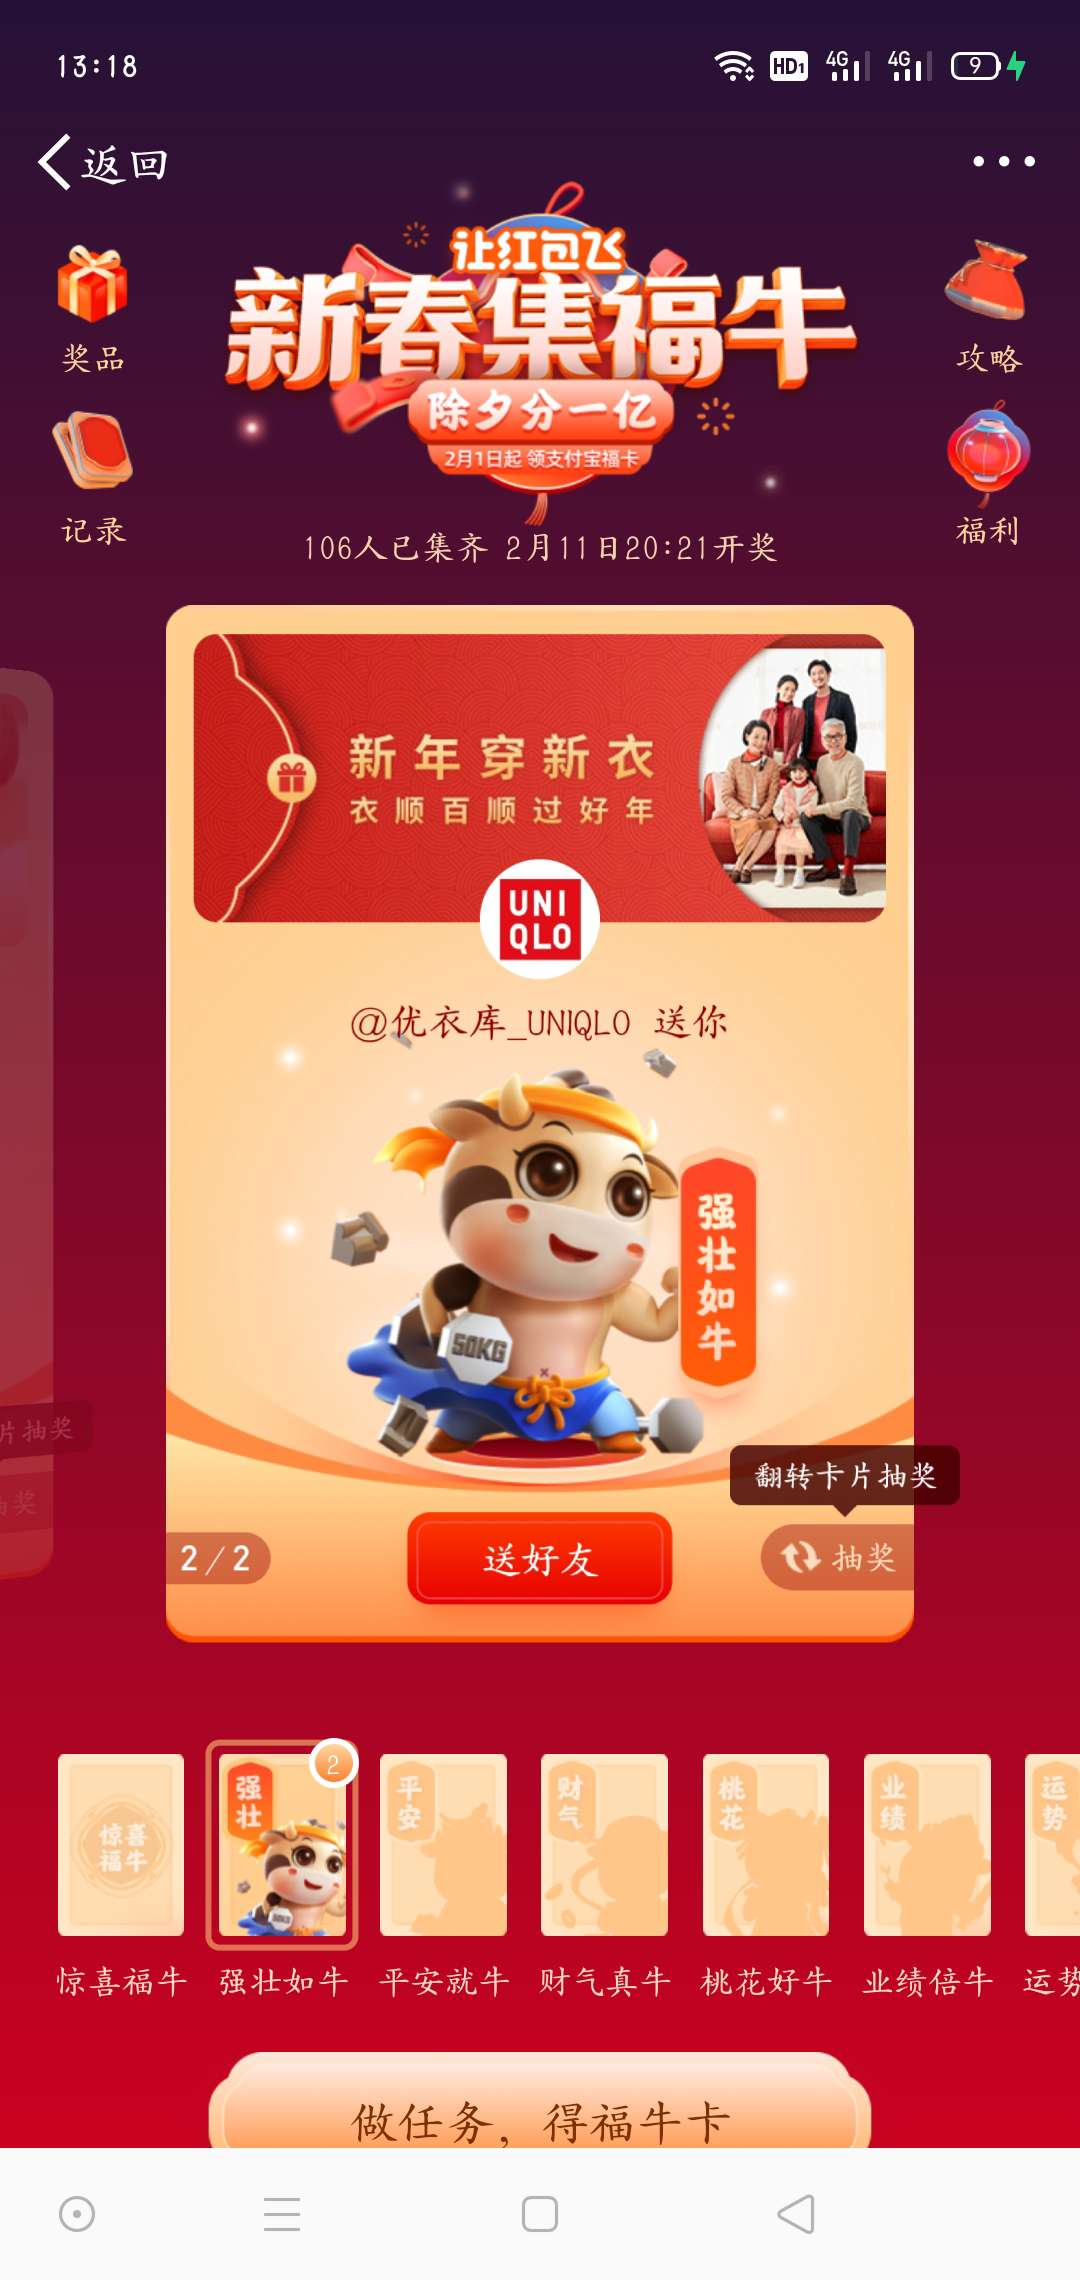 图片[2]-微博福牛集卡分红包-飞享资源网